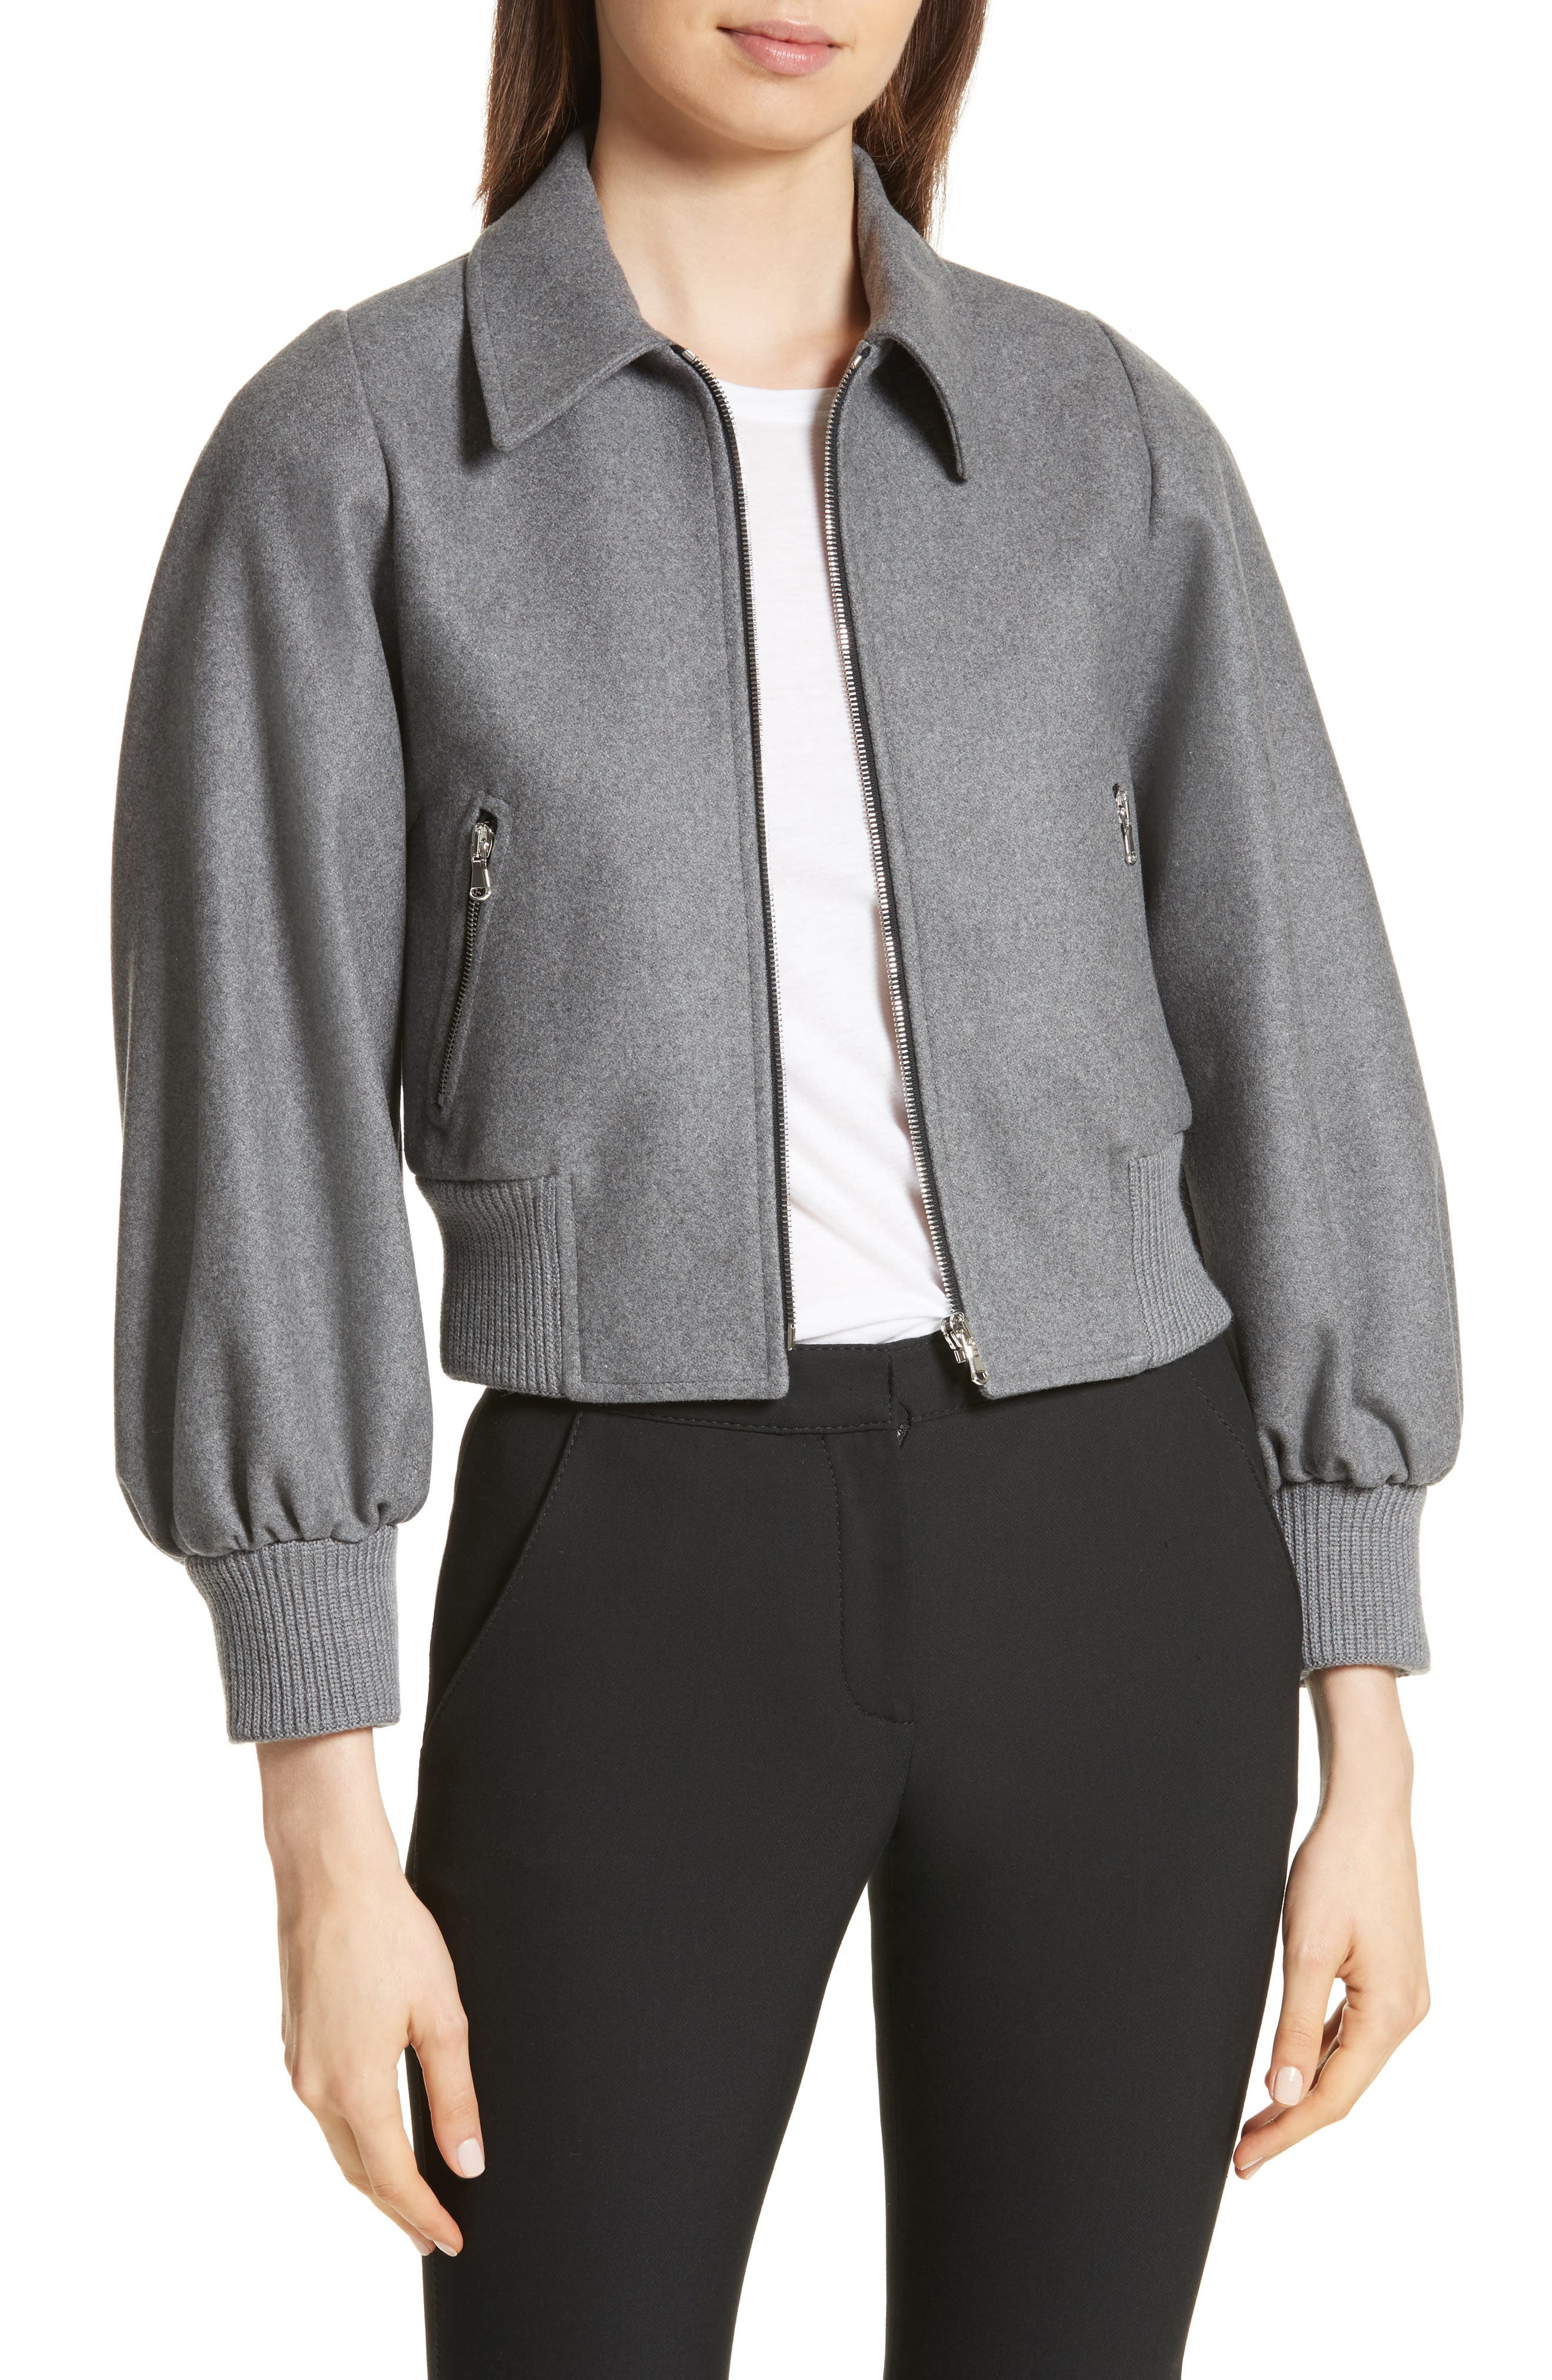 Mélange Wool Blend Jacket,                             Main thumbnail 1, color,                             026